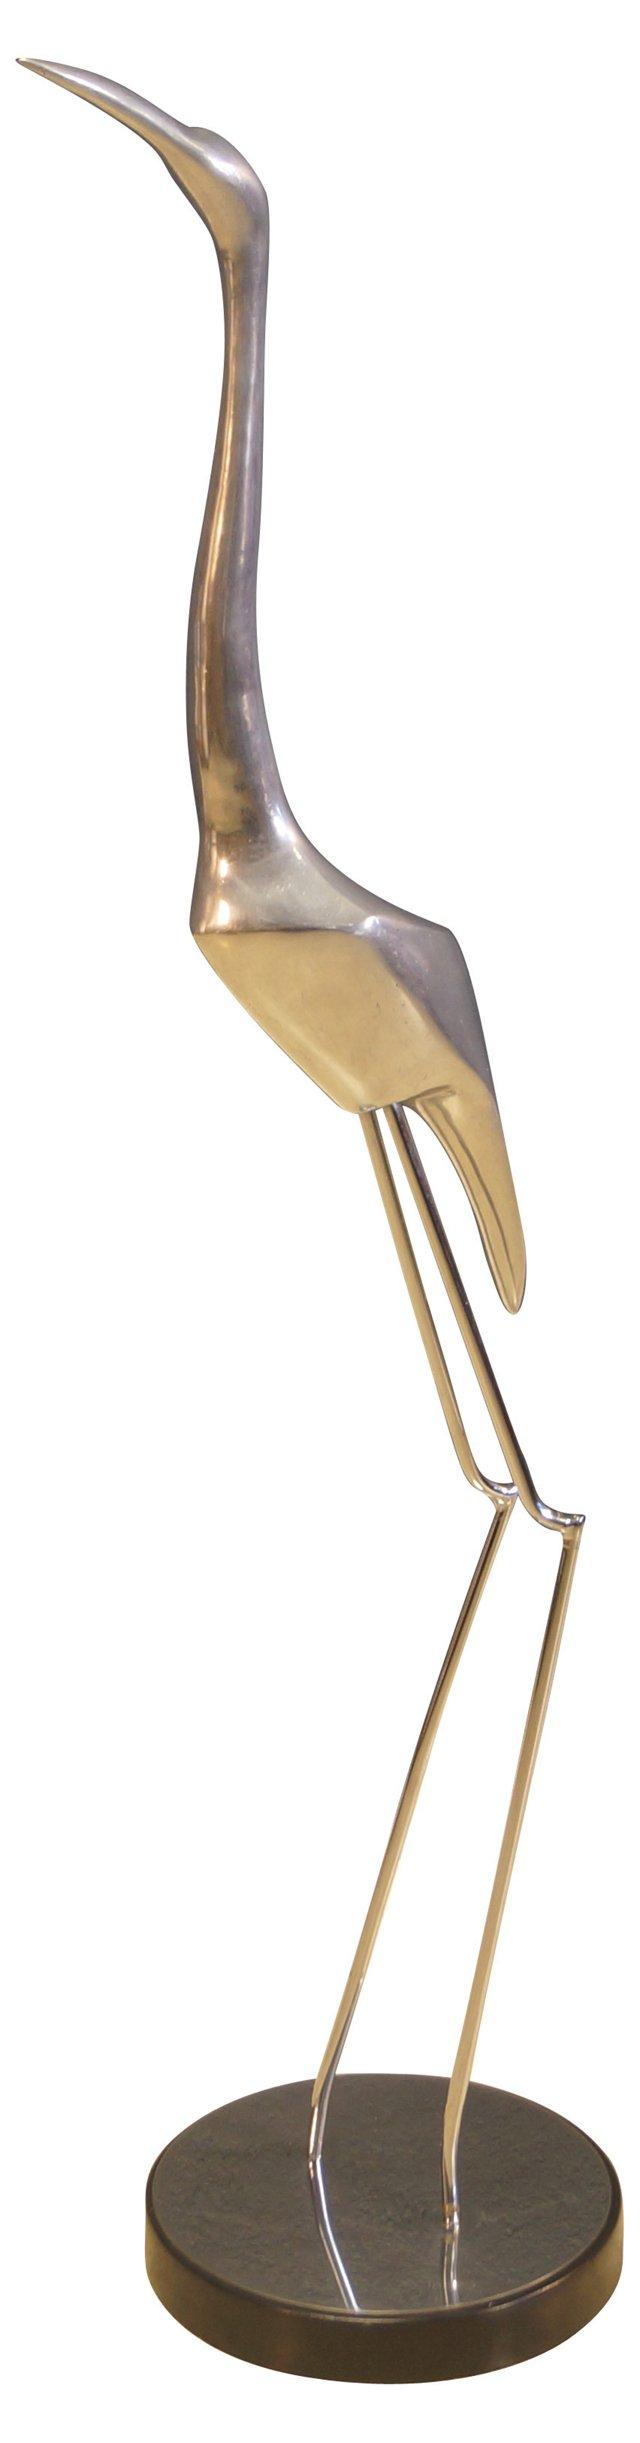 Aluminum Heron Sculpture by C. Jeré